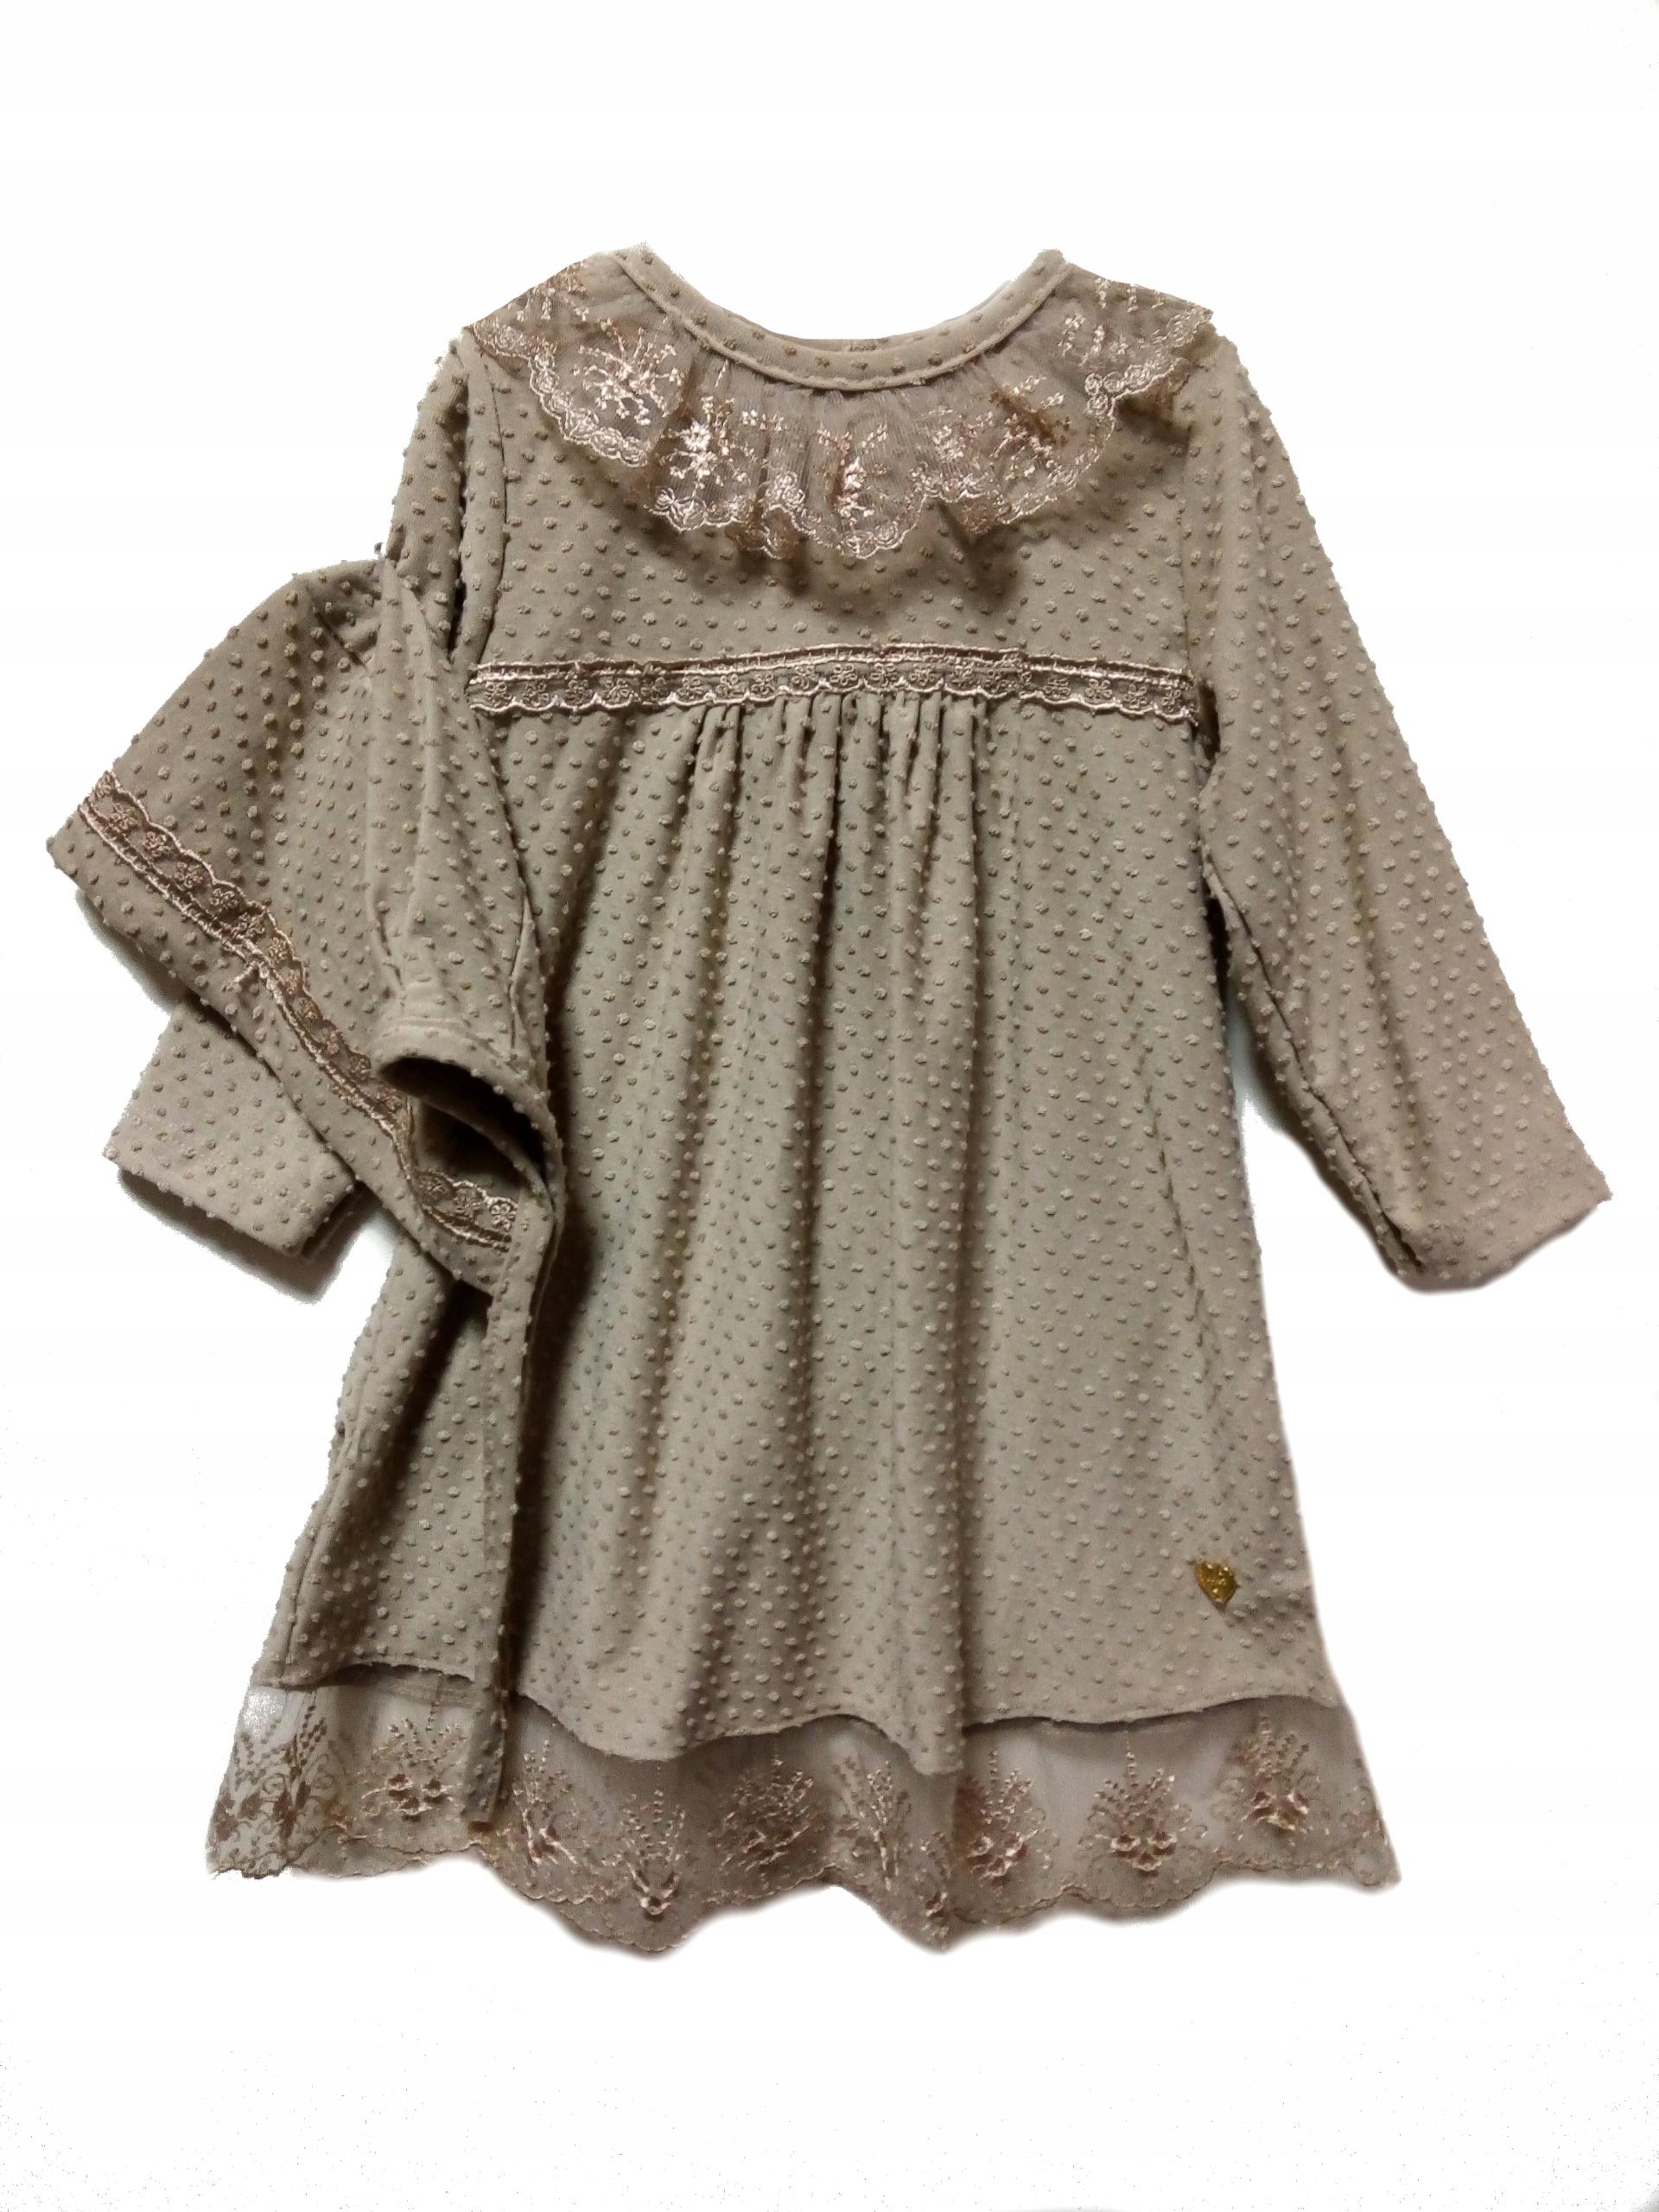 Béžové šaty s čipkou a retro klobúkom, veľkosť 92